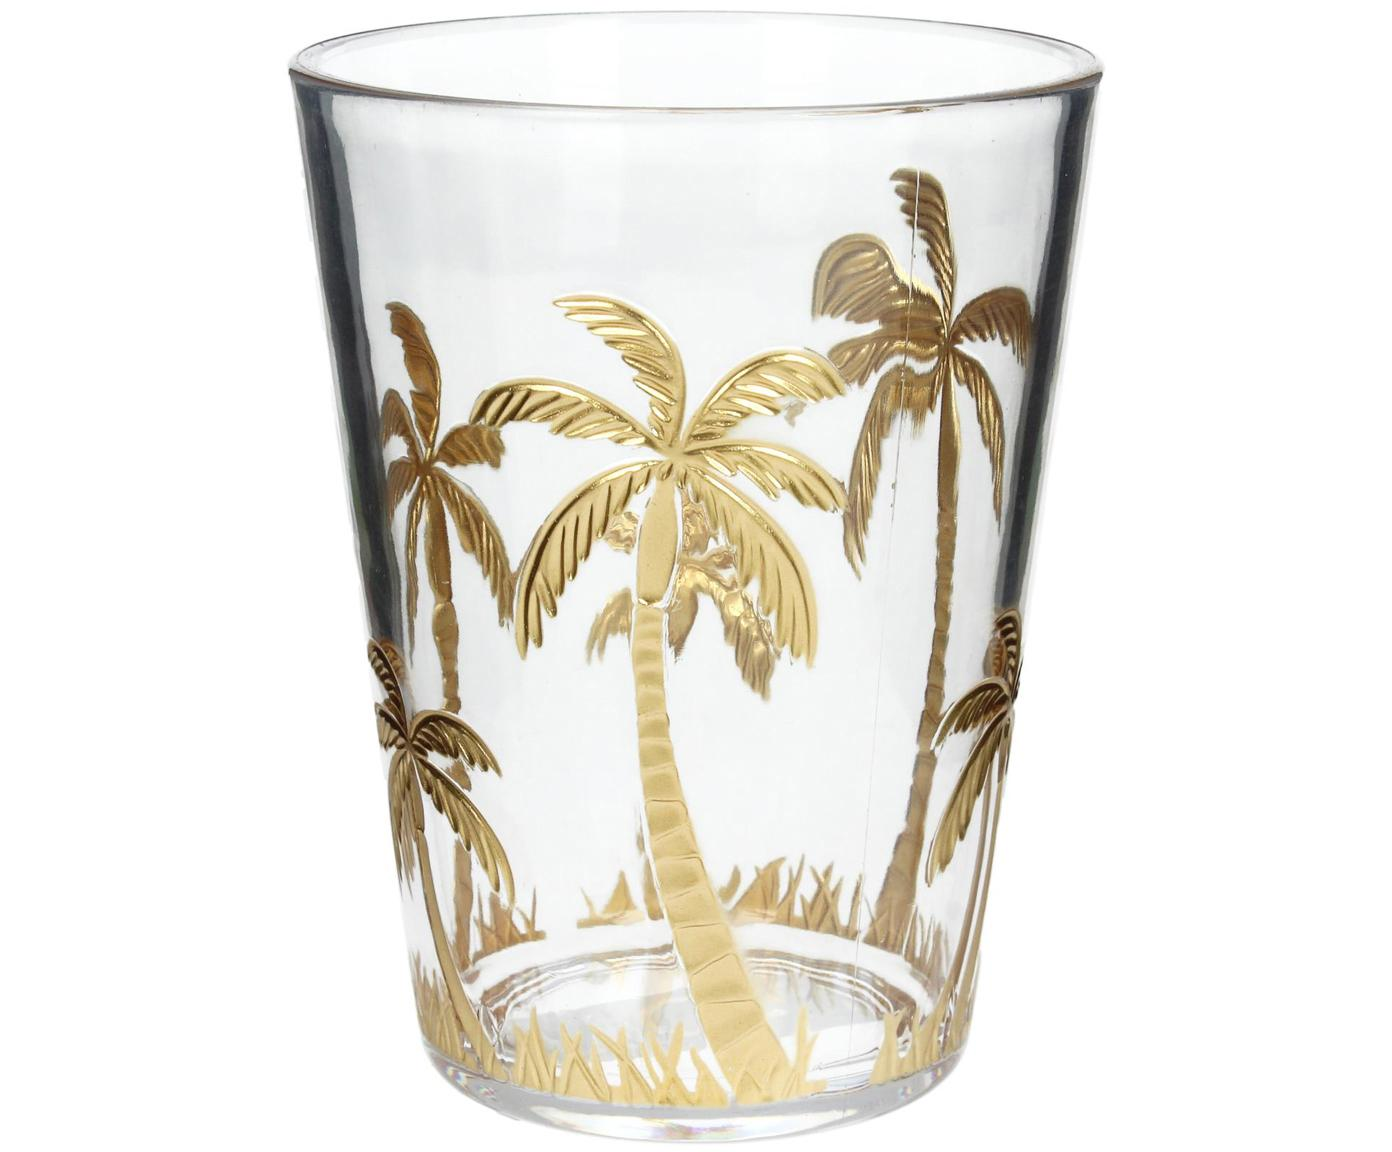 Bicchiere acqua in acrilico Kimberly, Acrilico, Trasparente dorato, Ø 9 x Alt. 12 cm